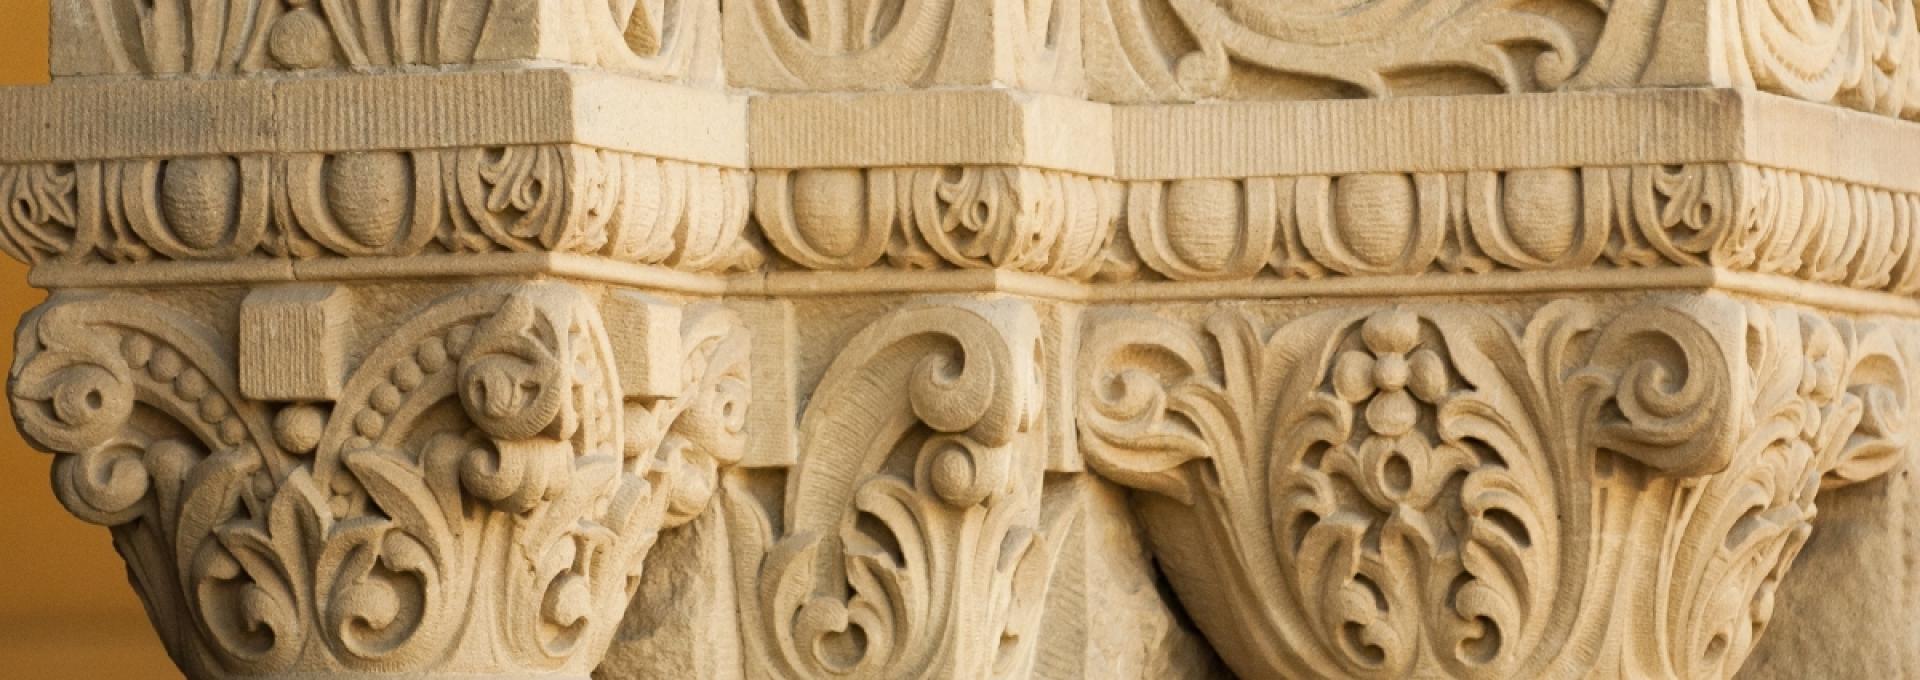 Stanford architectural columns